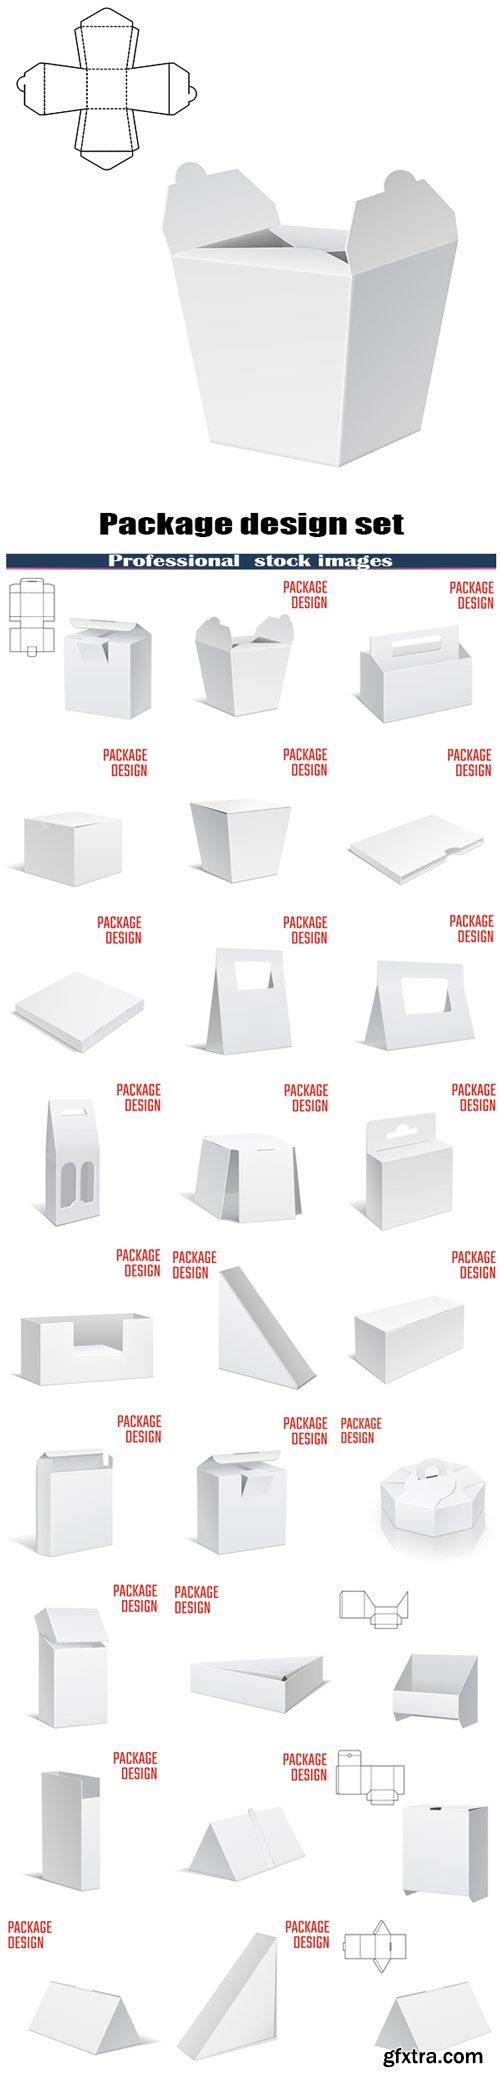 Package design set